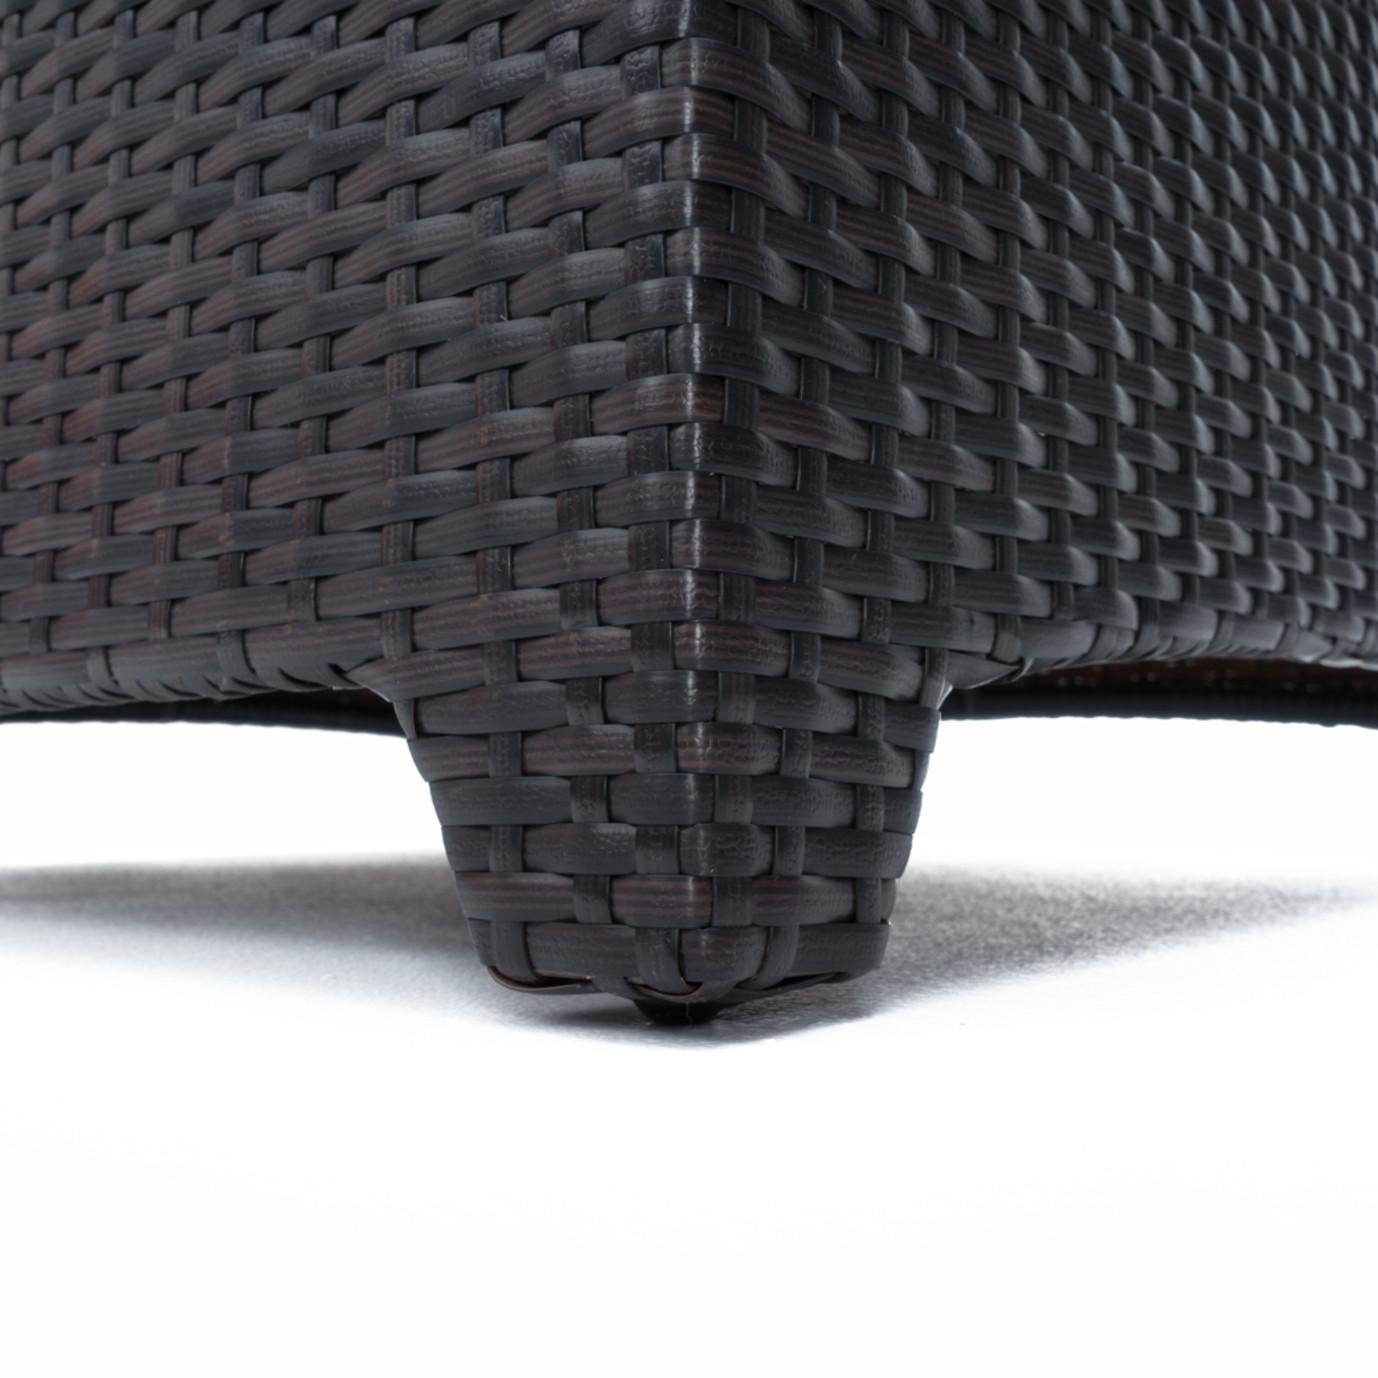 Deco™ Sofa - Charcoal Grey